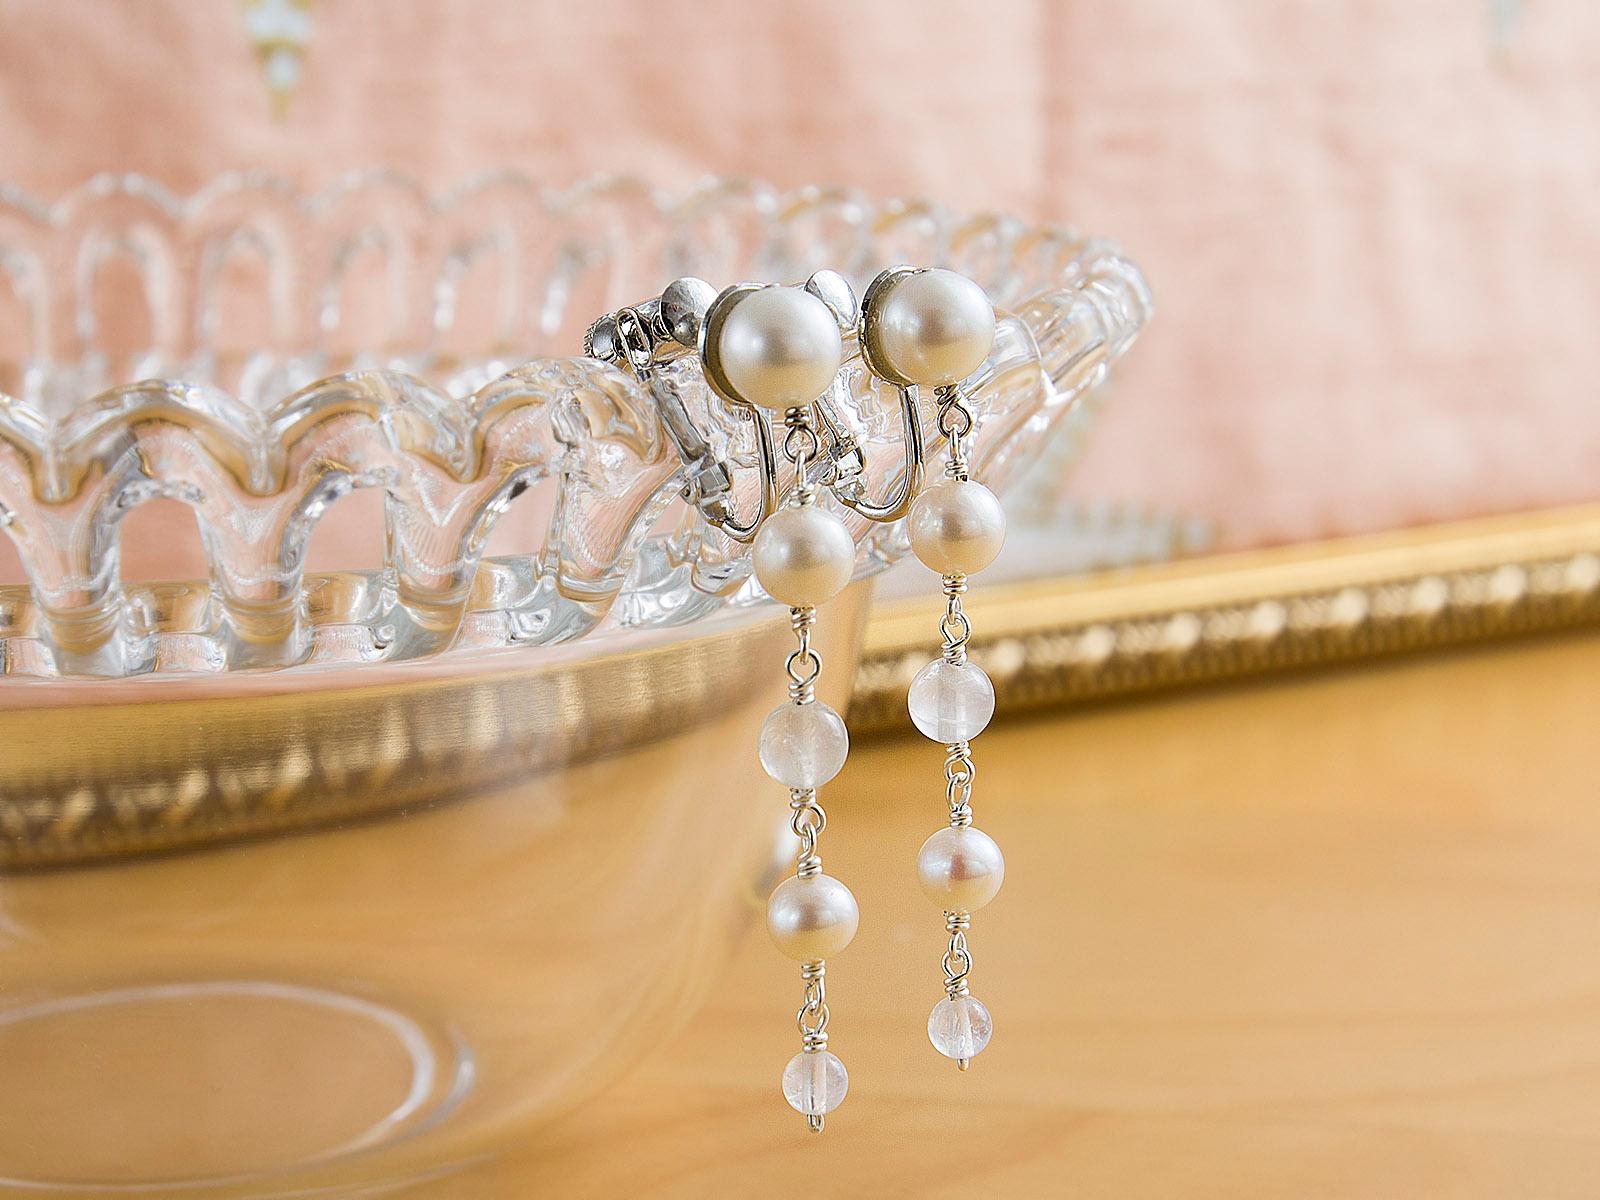 ウェディングドレス レンタル プレタ オーダー | ドレスマニア パールとムーンストーンのロングイヤリング